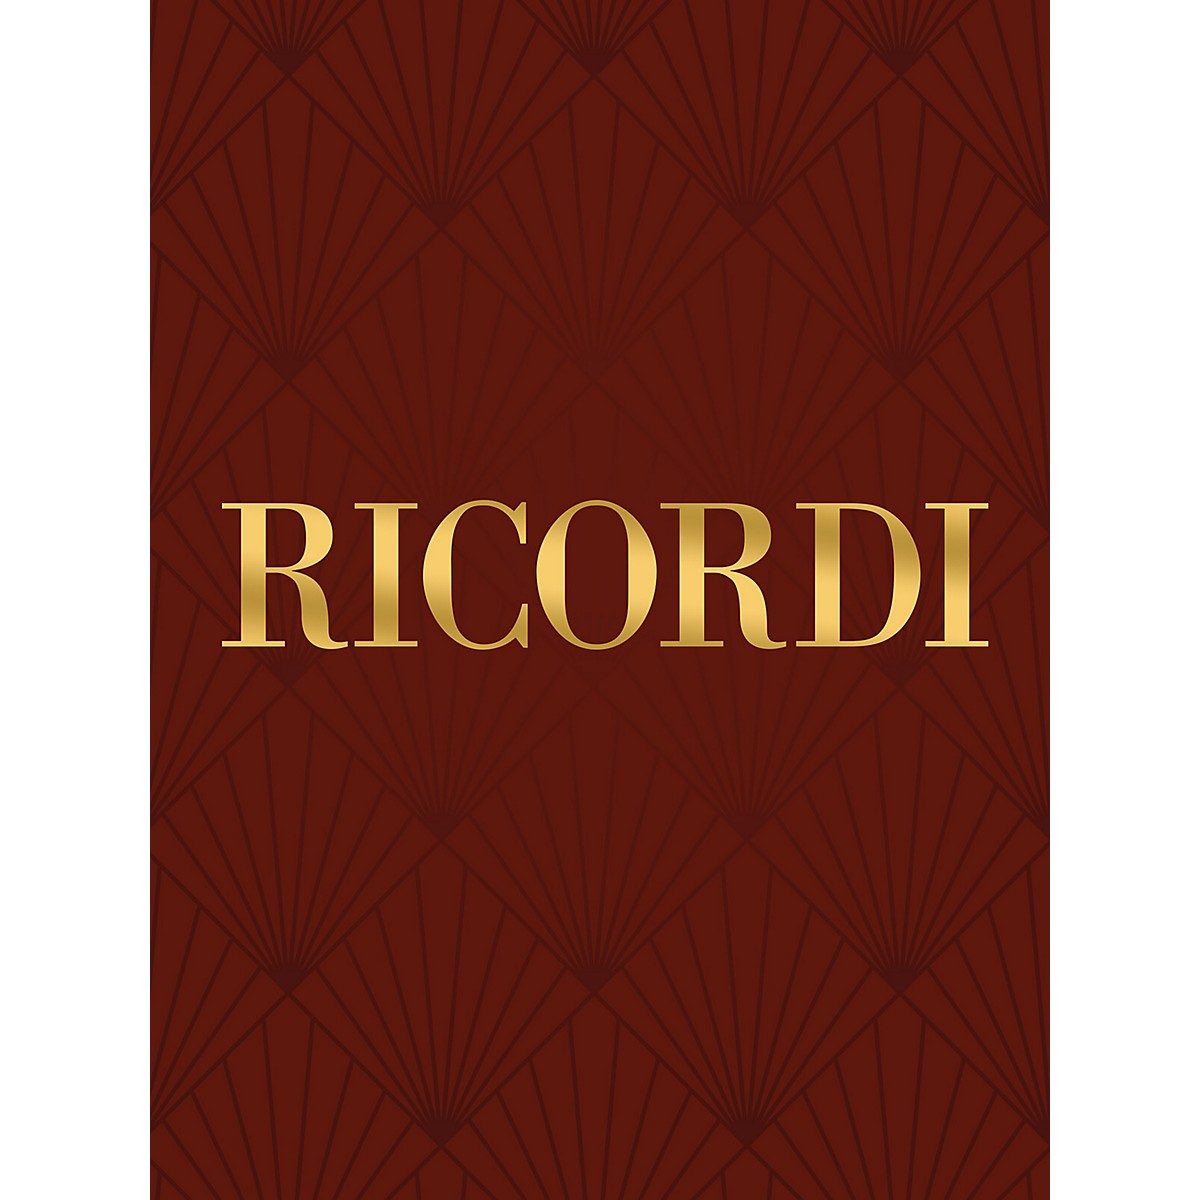 Ricordi Dixit Dominus RV594 (Vocal Score) SATB Composed by Antonio Vivaldi Edited by Francesco Bellezza